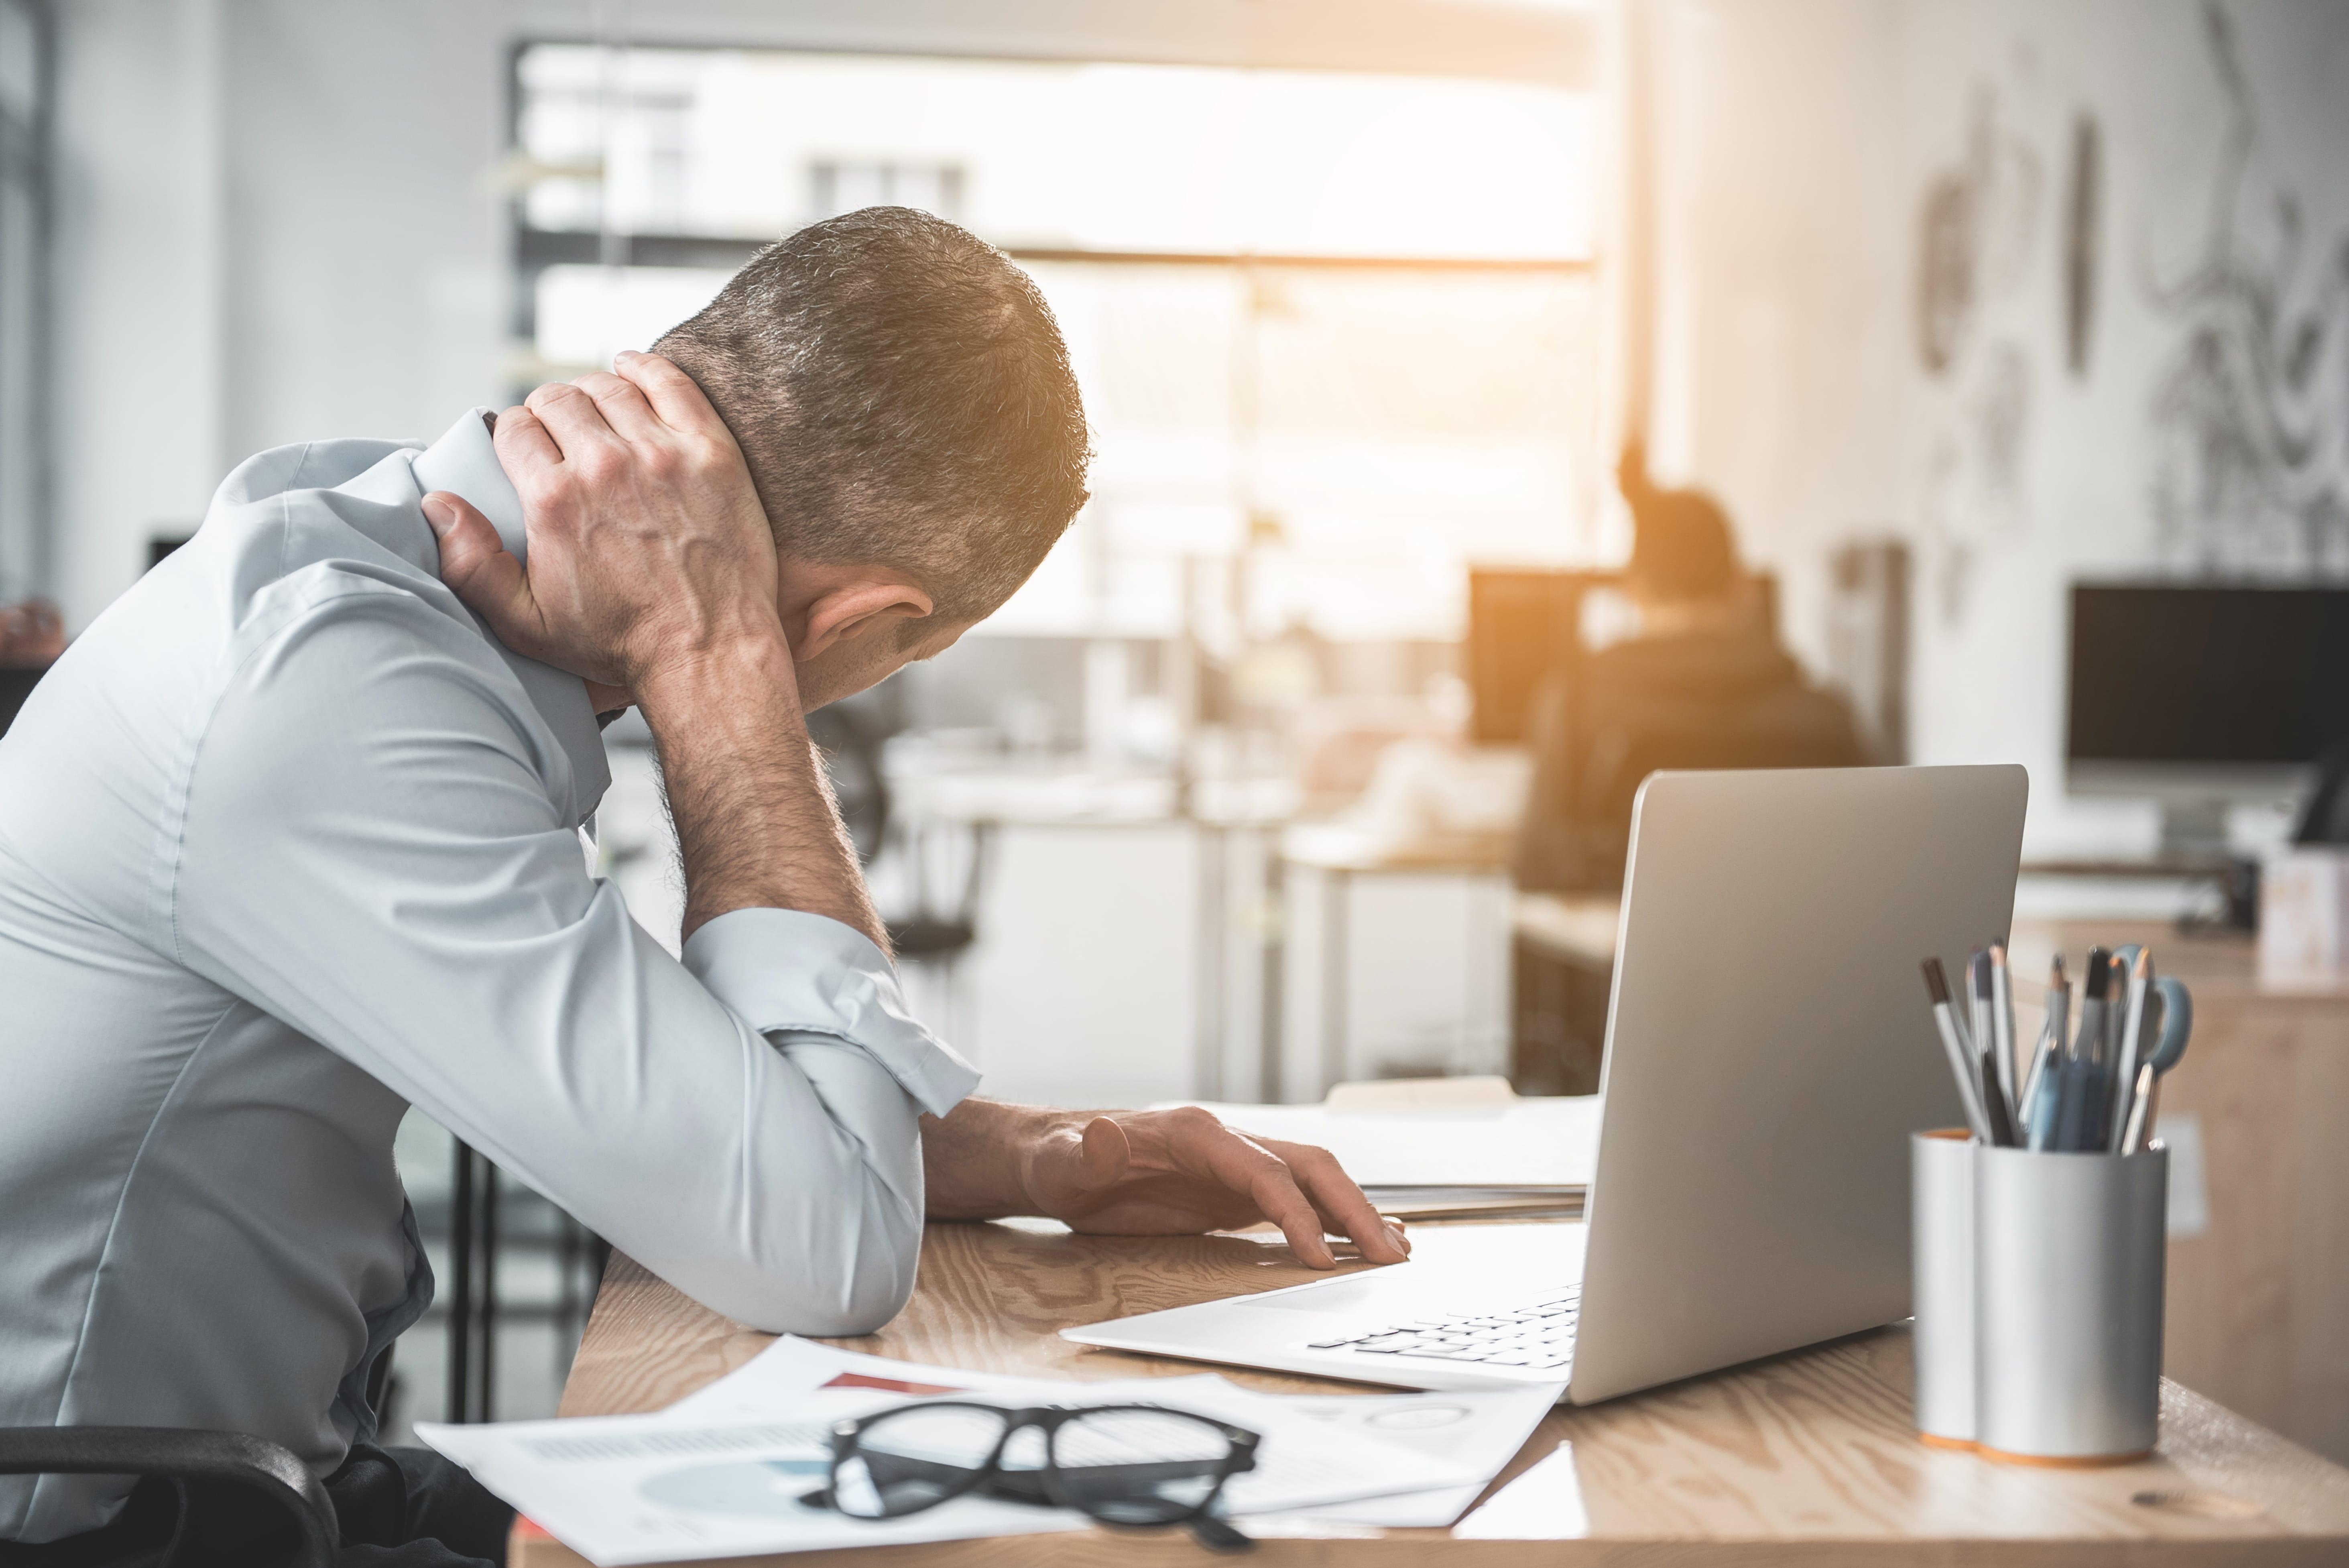 personne au travail en situation d'épuisement professionnel